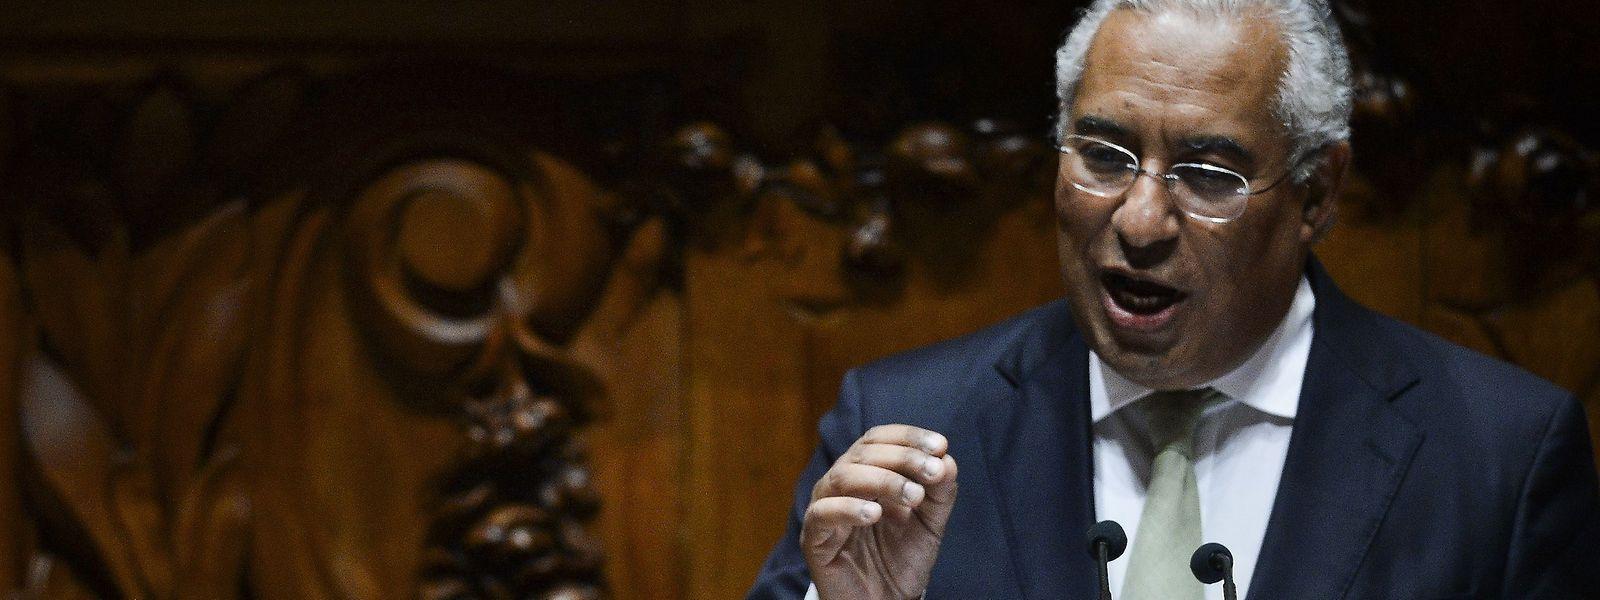 O primeiro-ministro português, António Costa